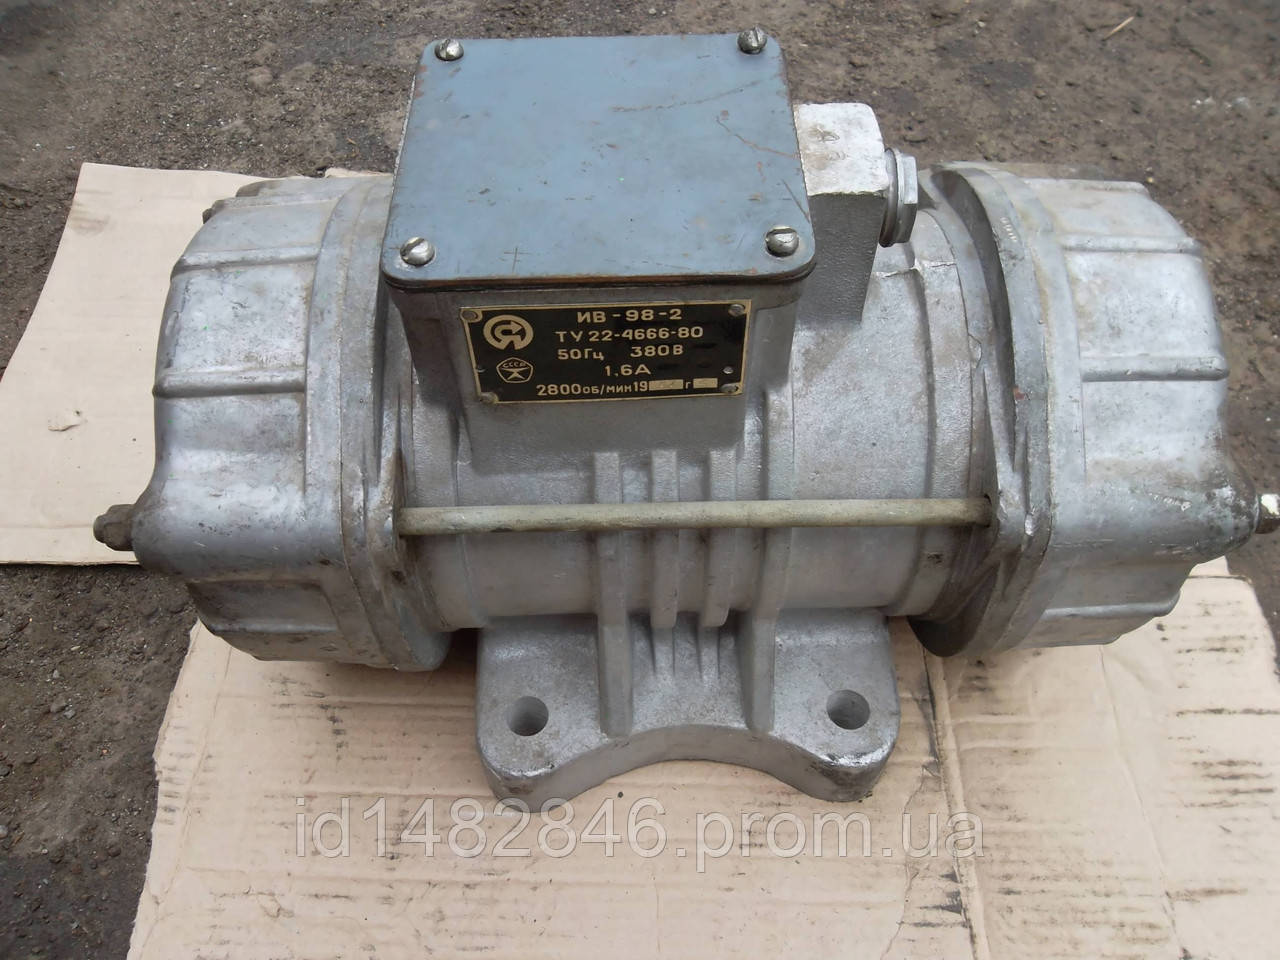 Вибратор площадочный ИВ-98-2